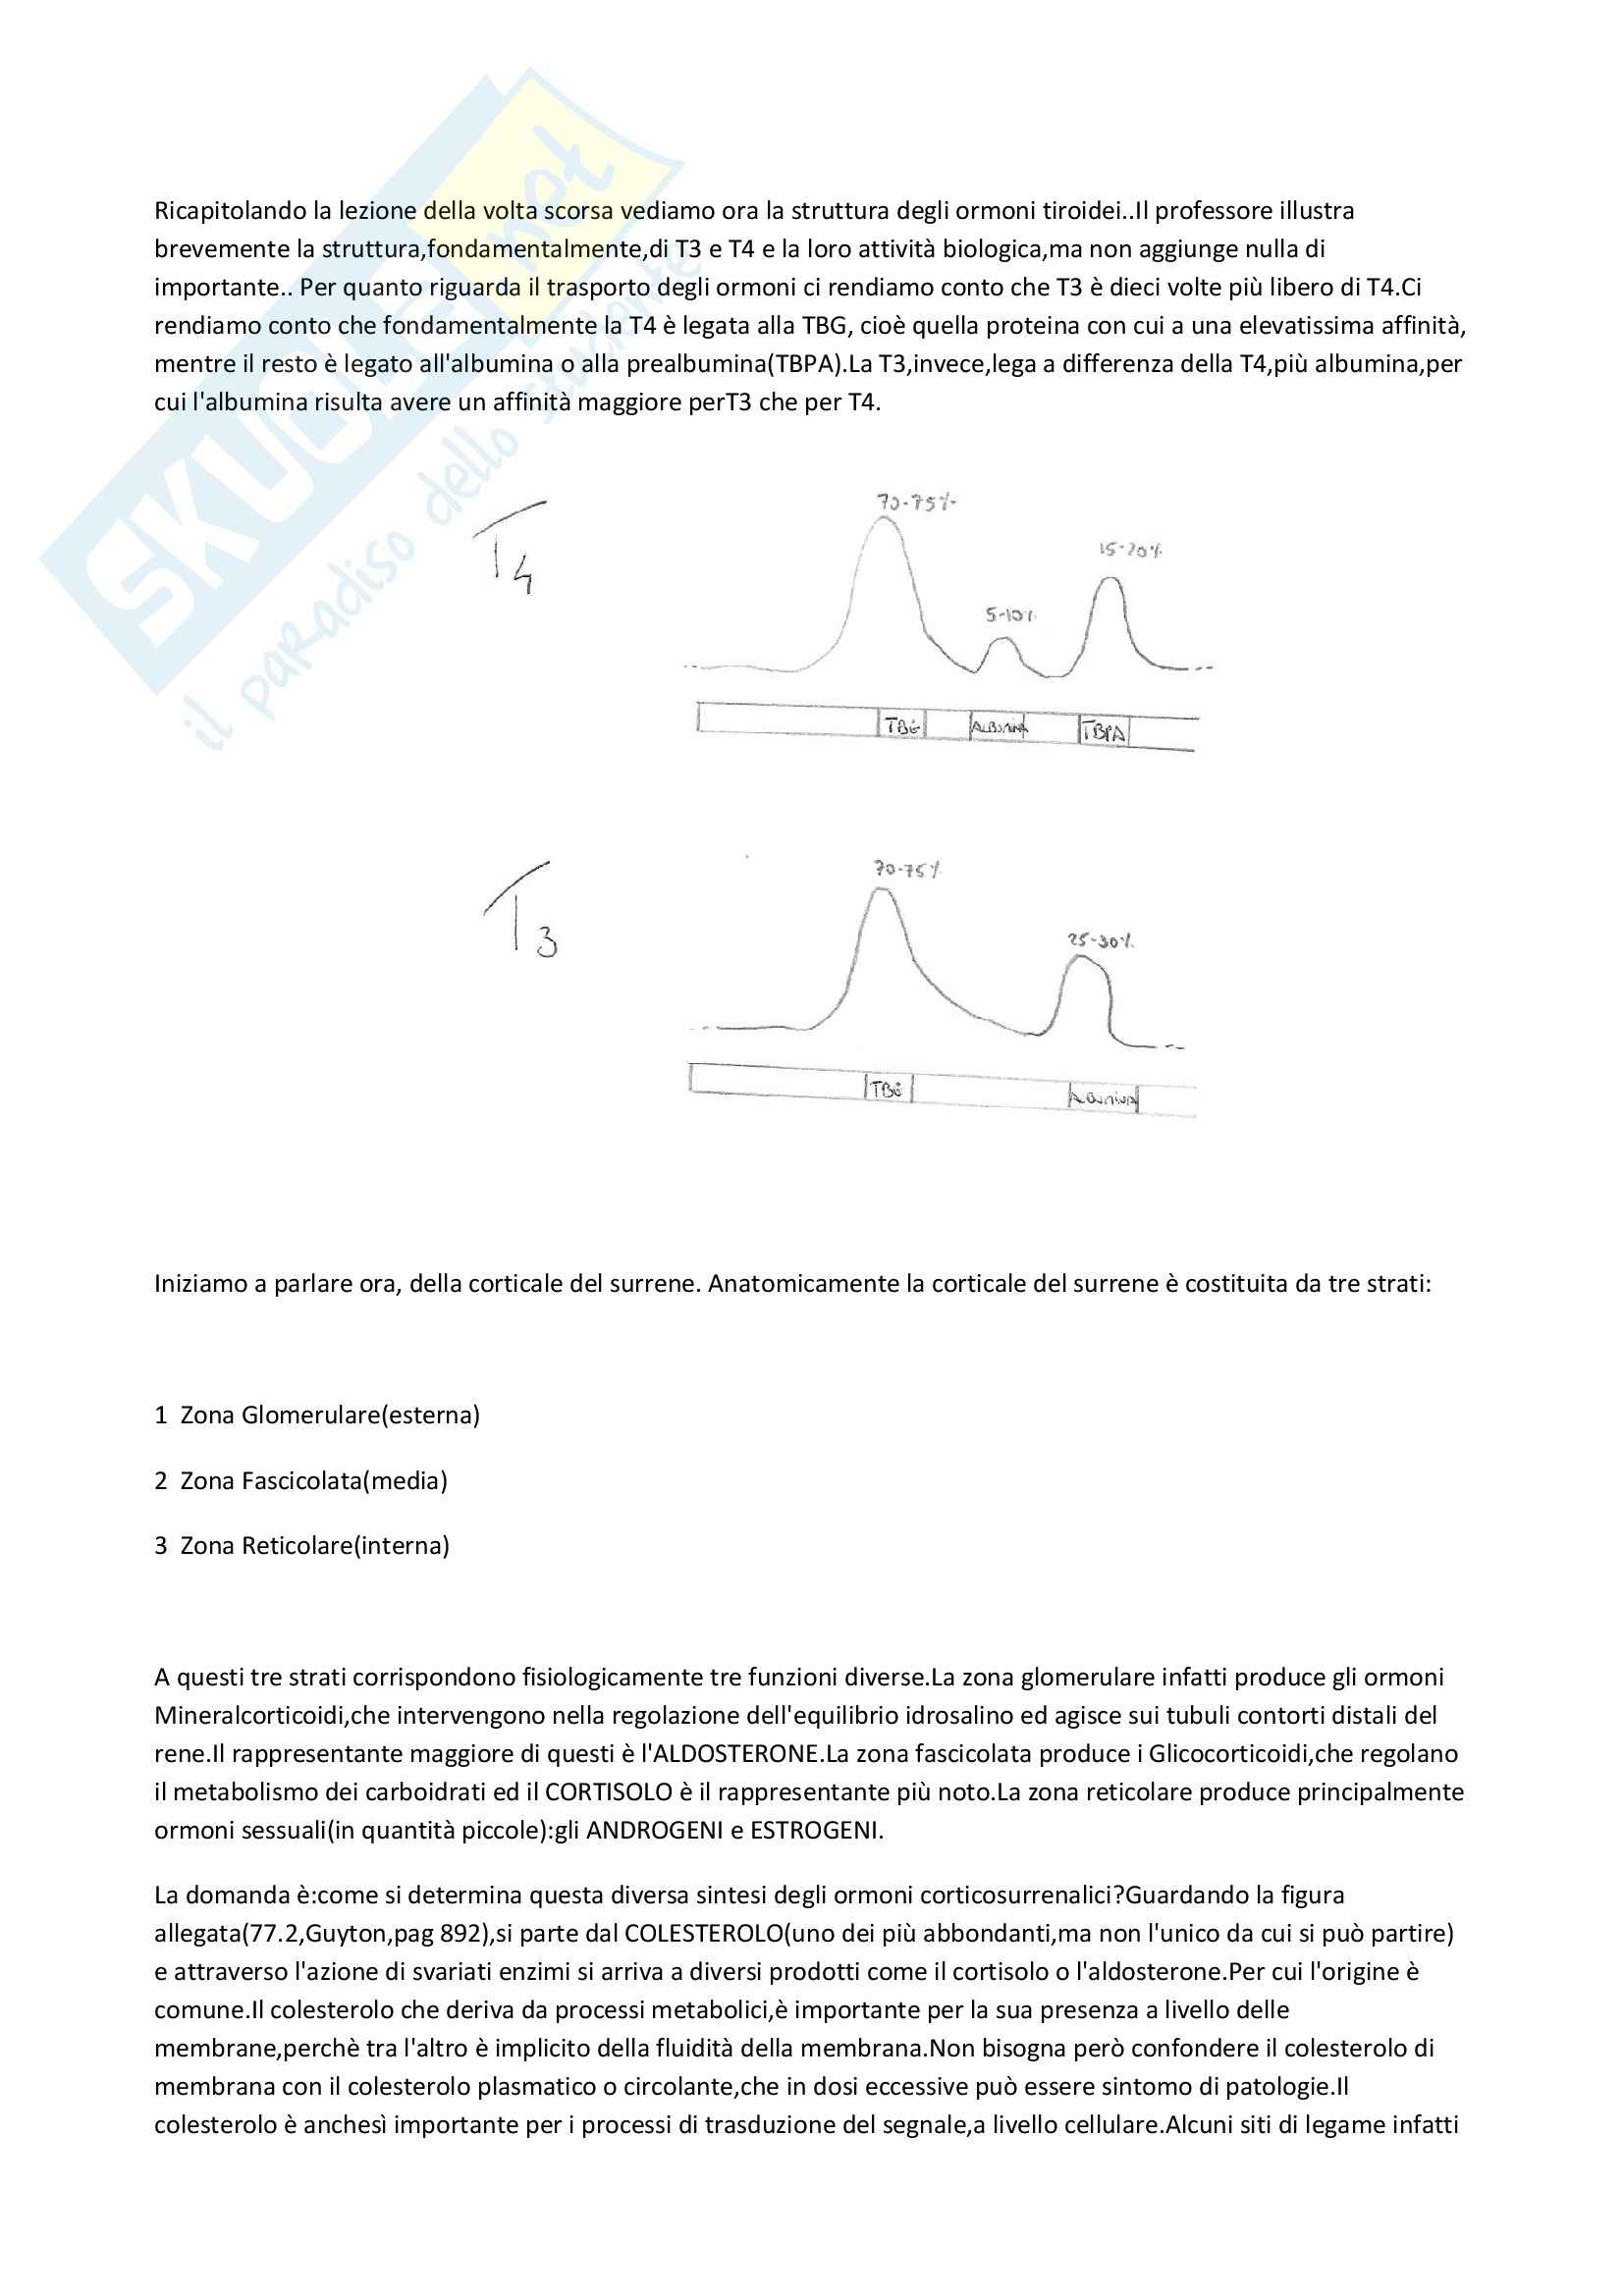 Fisiologia e biofisica - glicocorticoidi